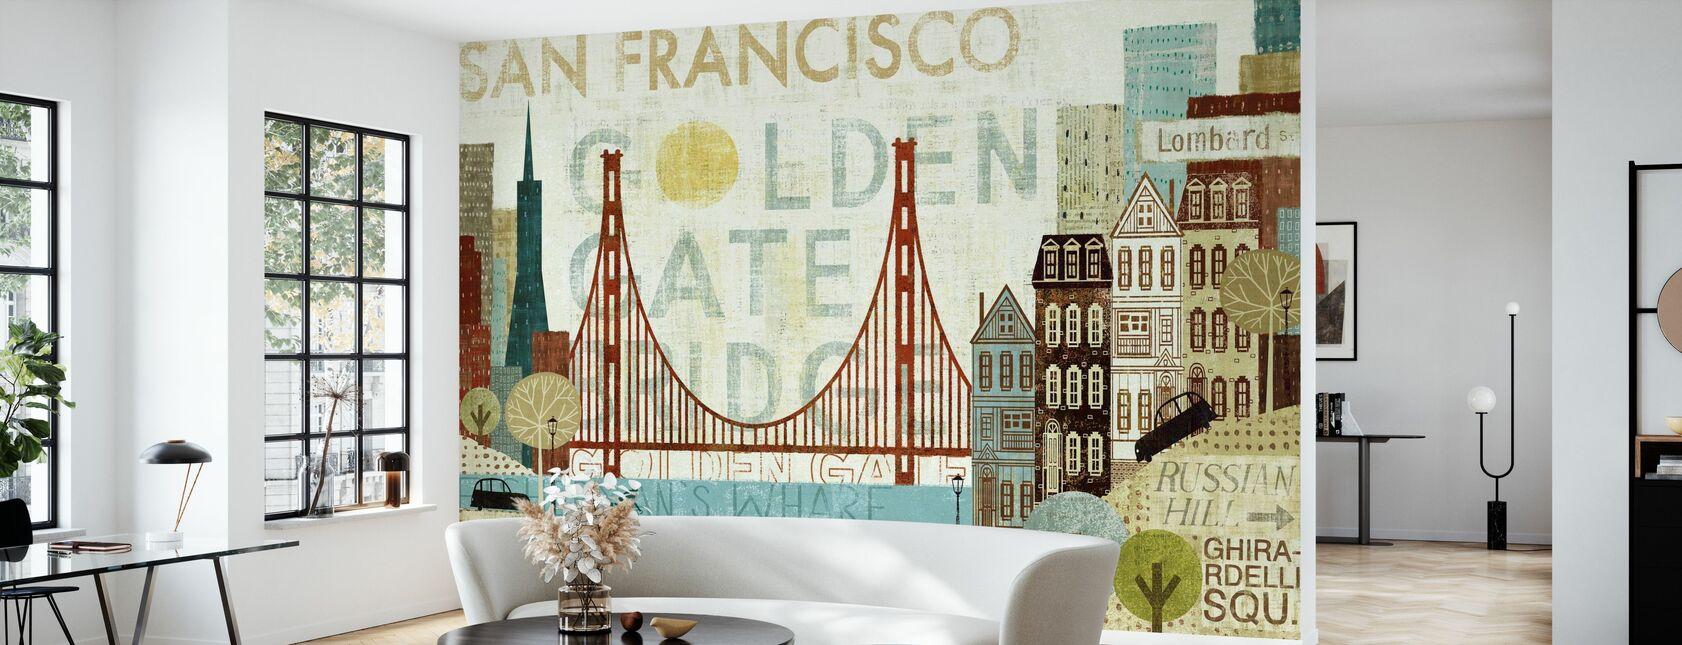 Hola San Francisco - Papel pintado - Salón